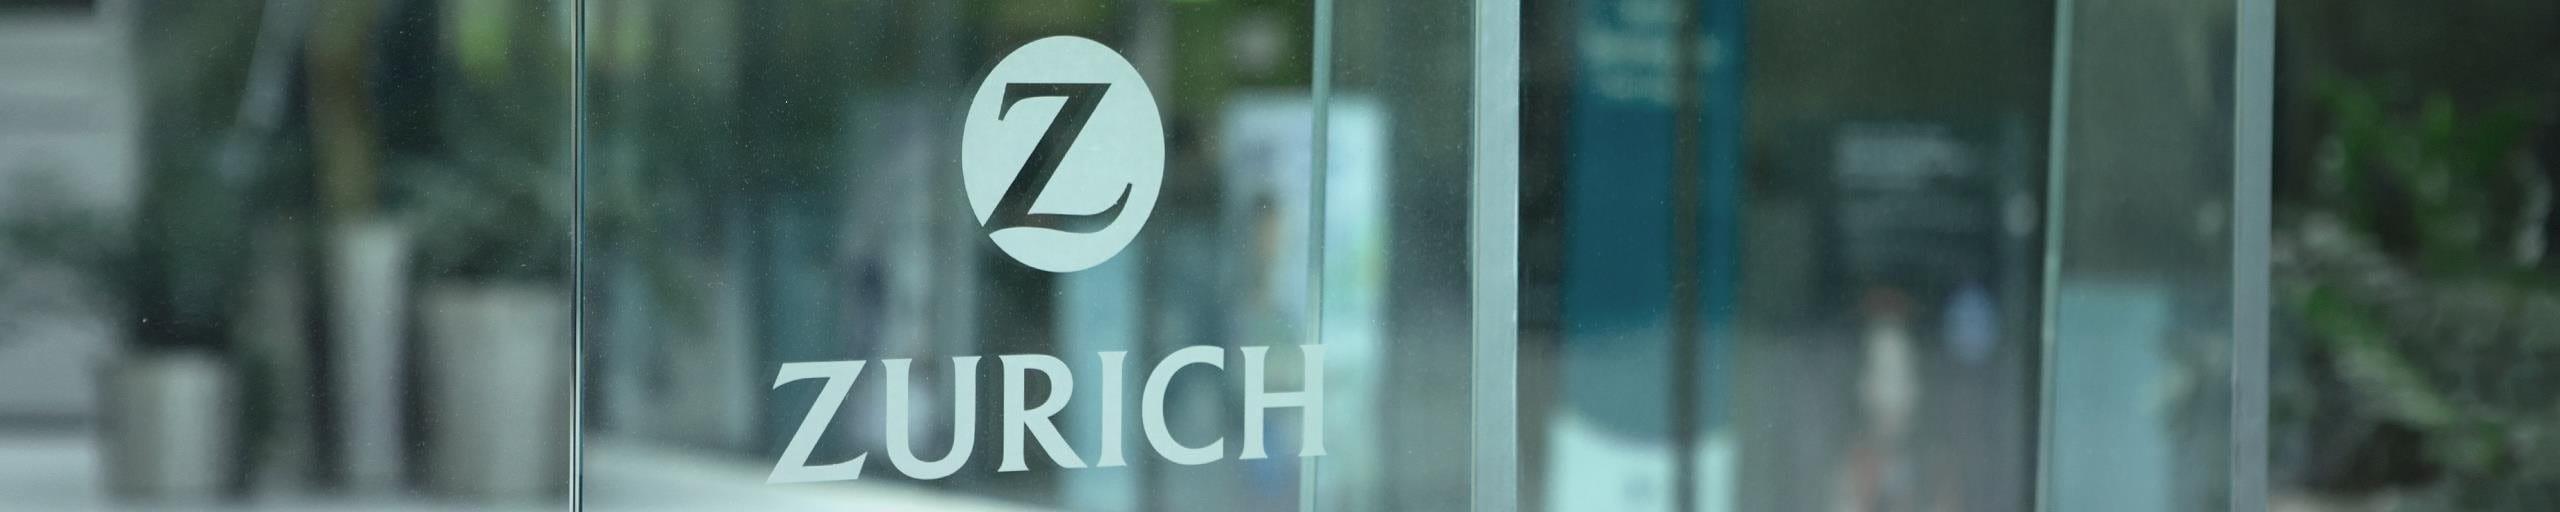 Une fenêtre avec le logo de la Zurich.